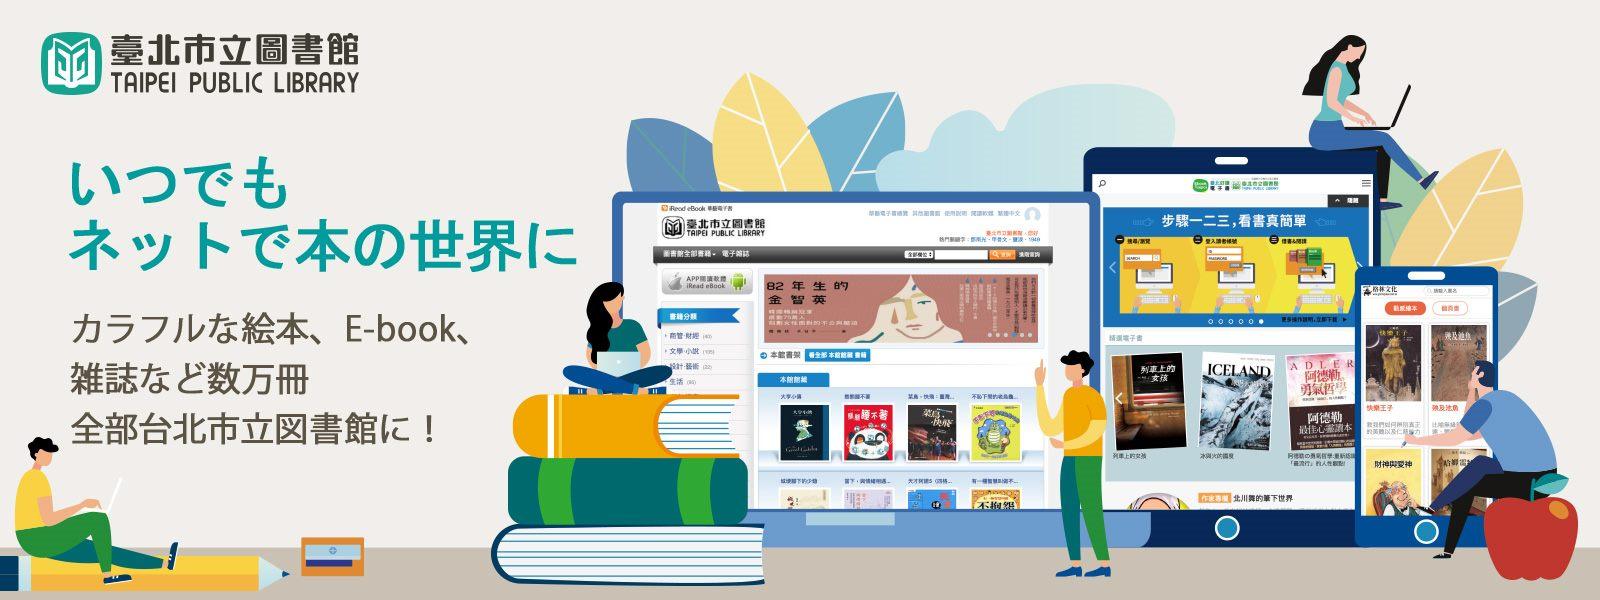 いつでも  ネットで本の世界に カラフルな絵本、E-book、雑誌など数万冊 全部台北市立図書館に!